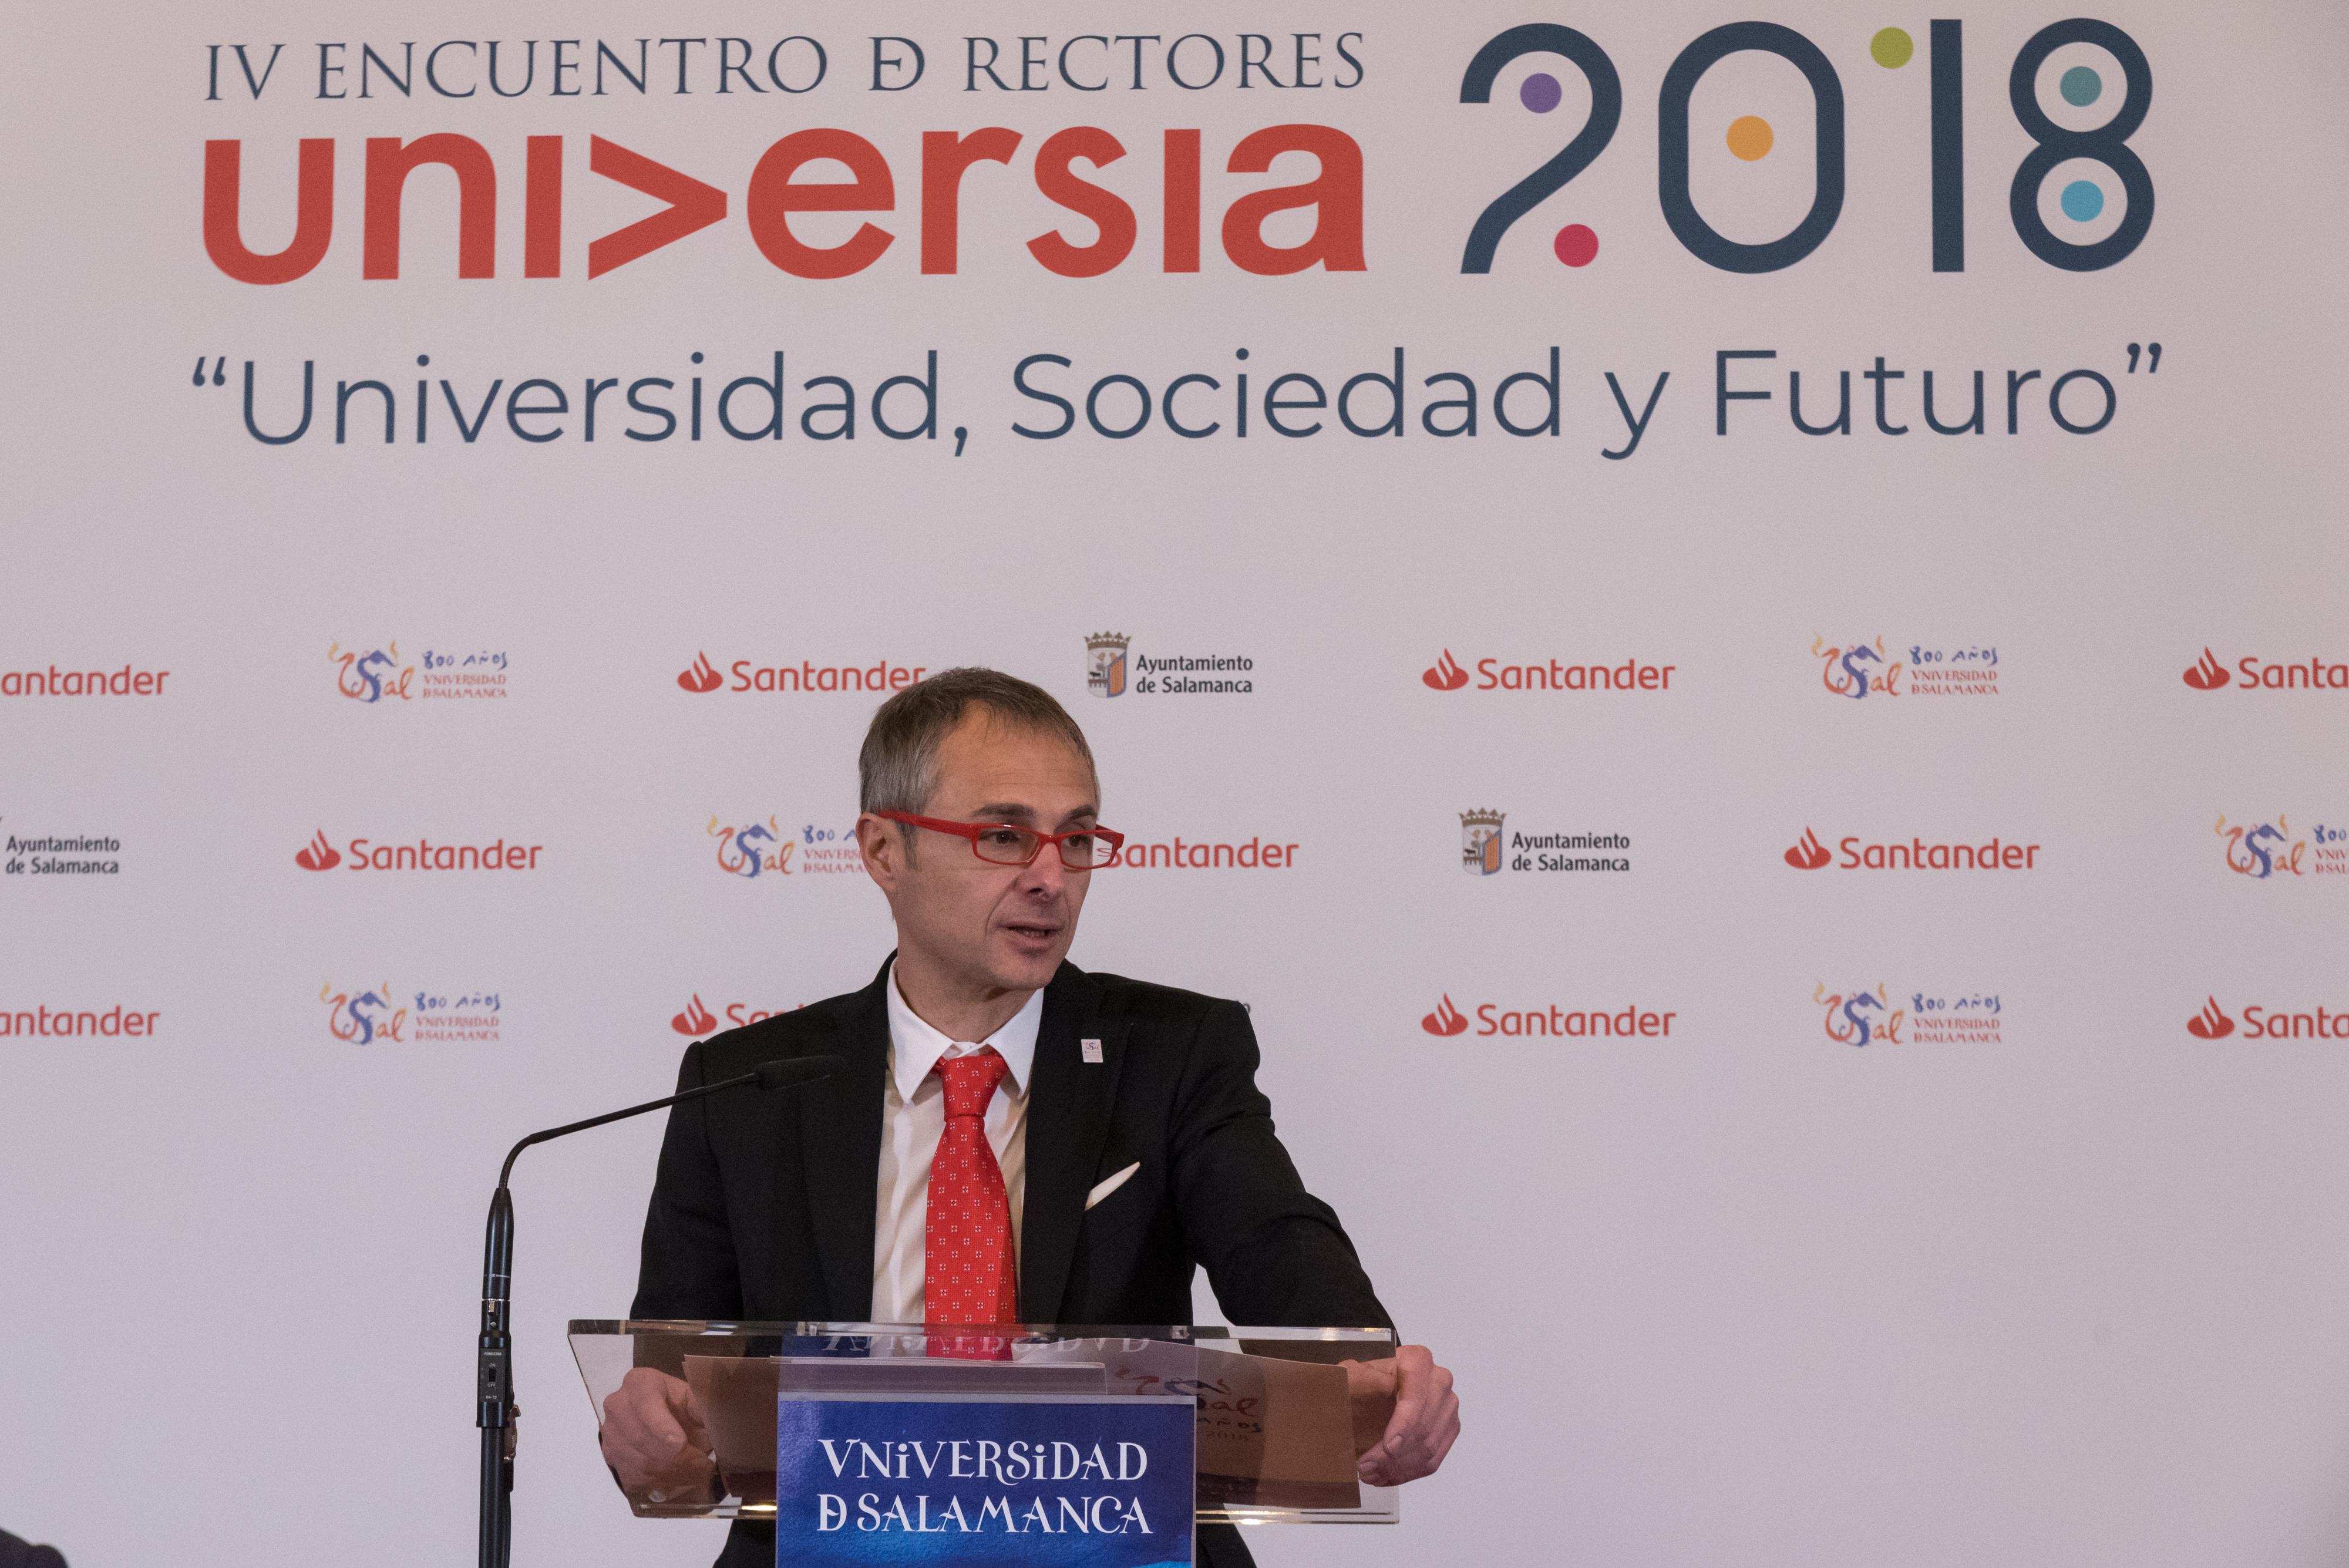 El IV Encuentro Internacional de Rectores Universia hará de Salamanca la capital mundial de la educación superior